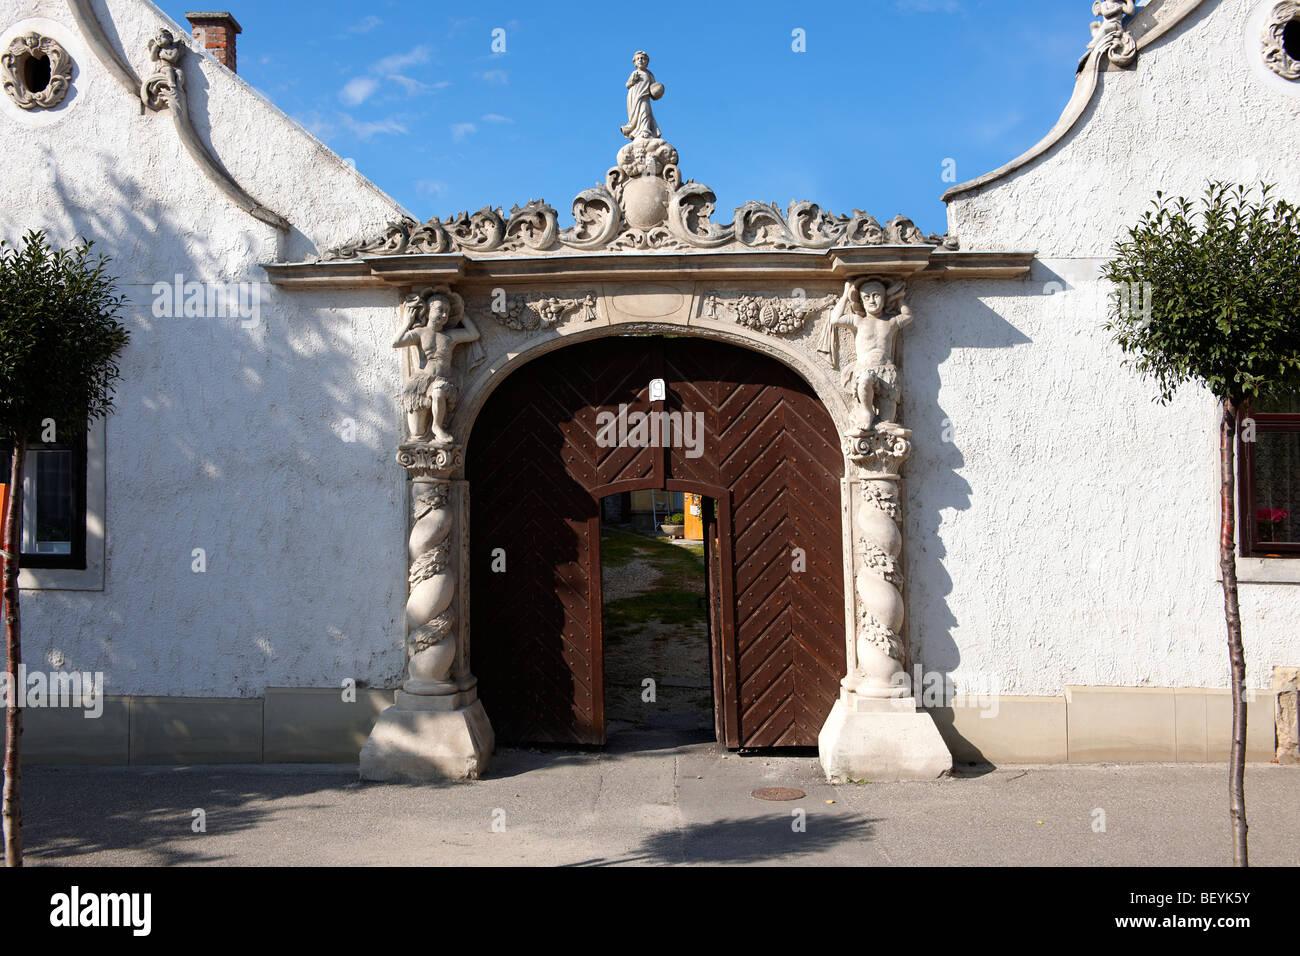 I due mori Casa (K t m r h z). Rustica architettura barocca - Sopron, Ungheria Immagini Stock